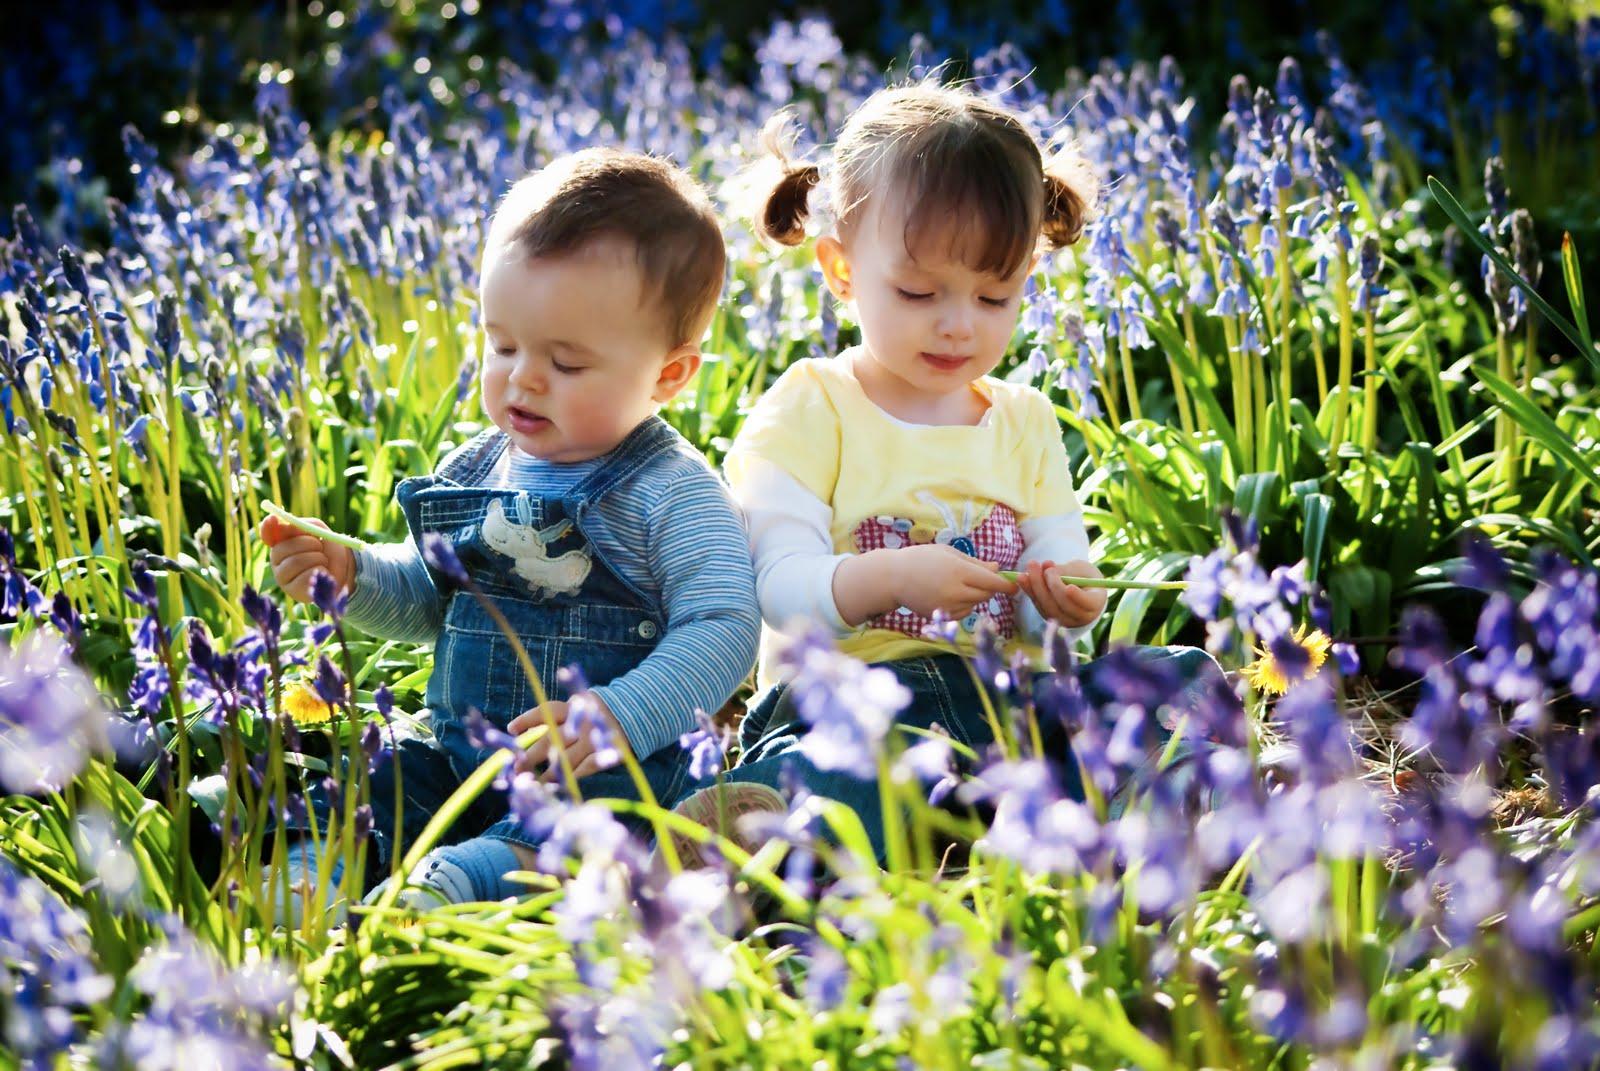 kids spring pictures desktop backgrounds - Spring Pictures For Children